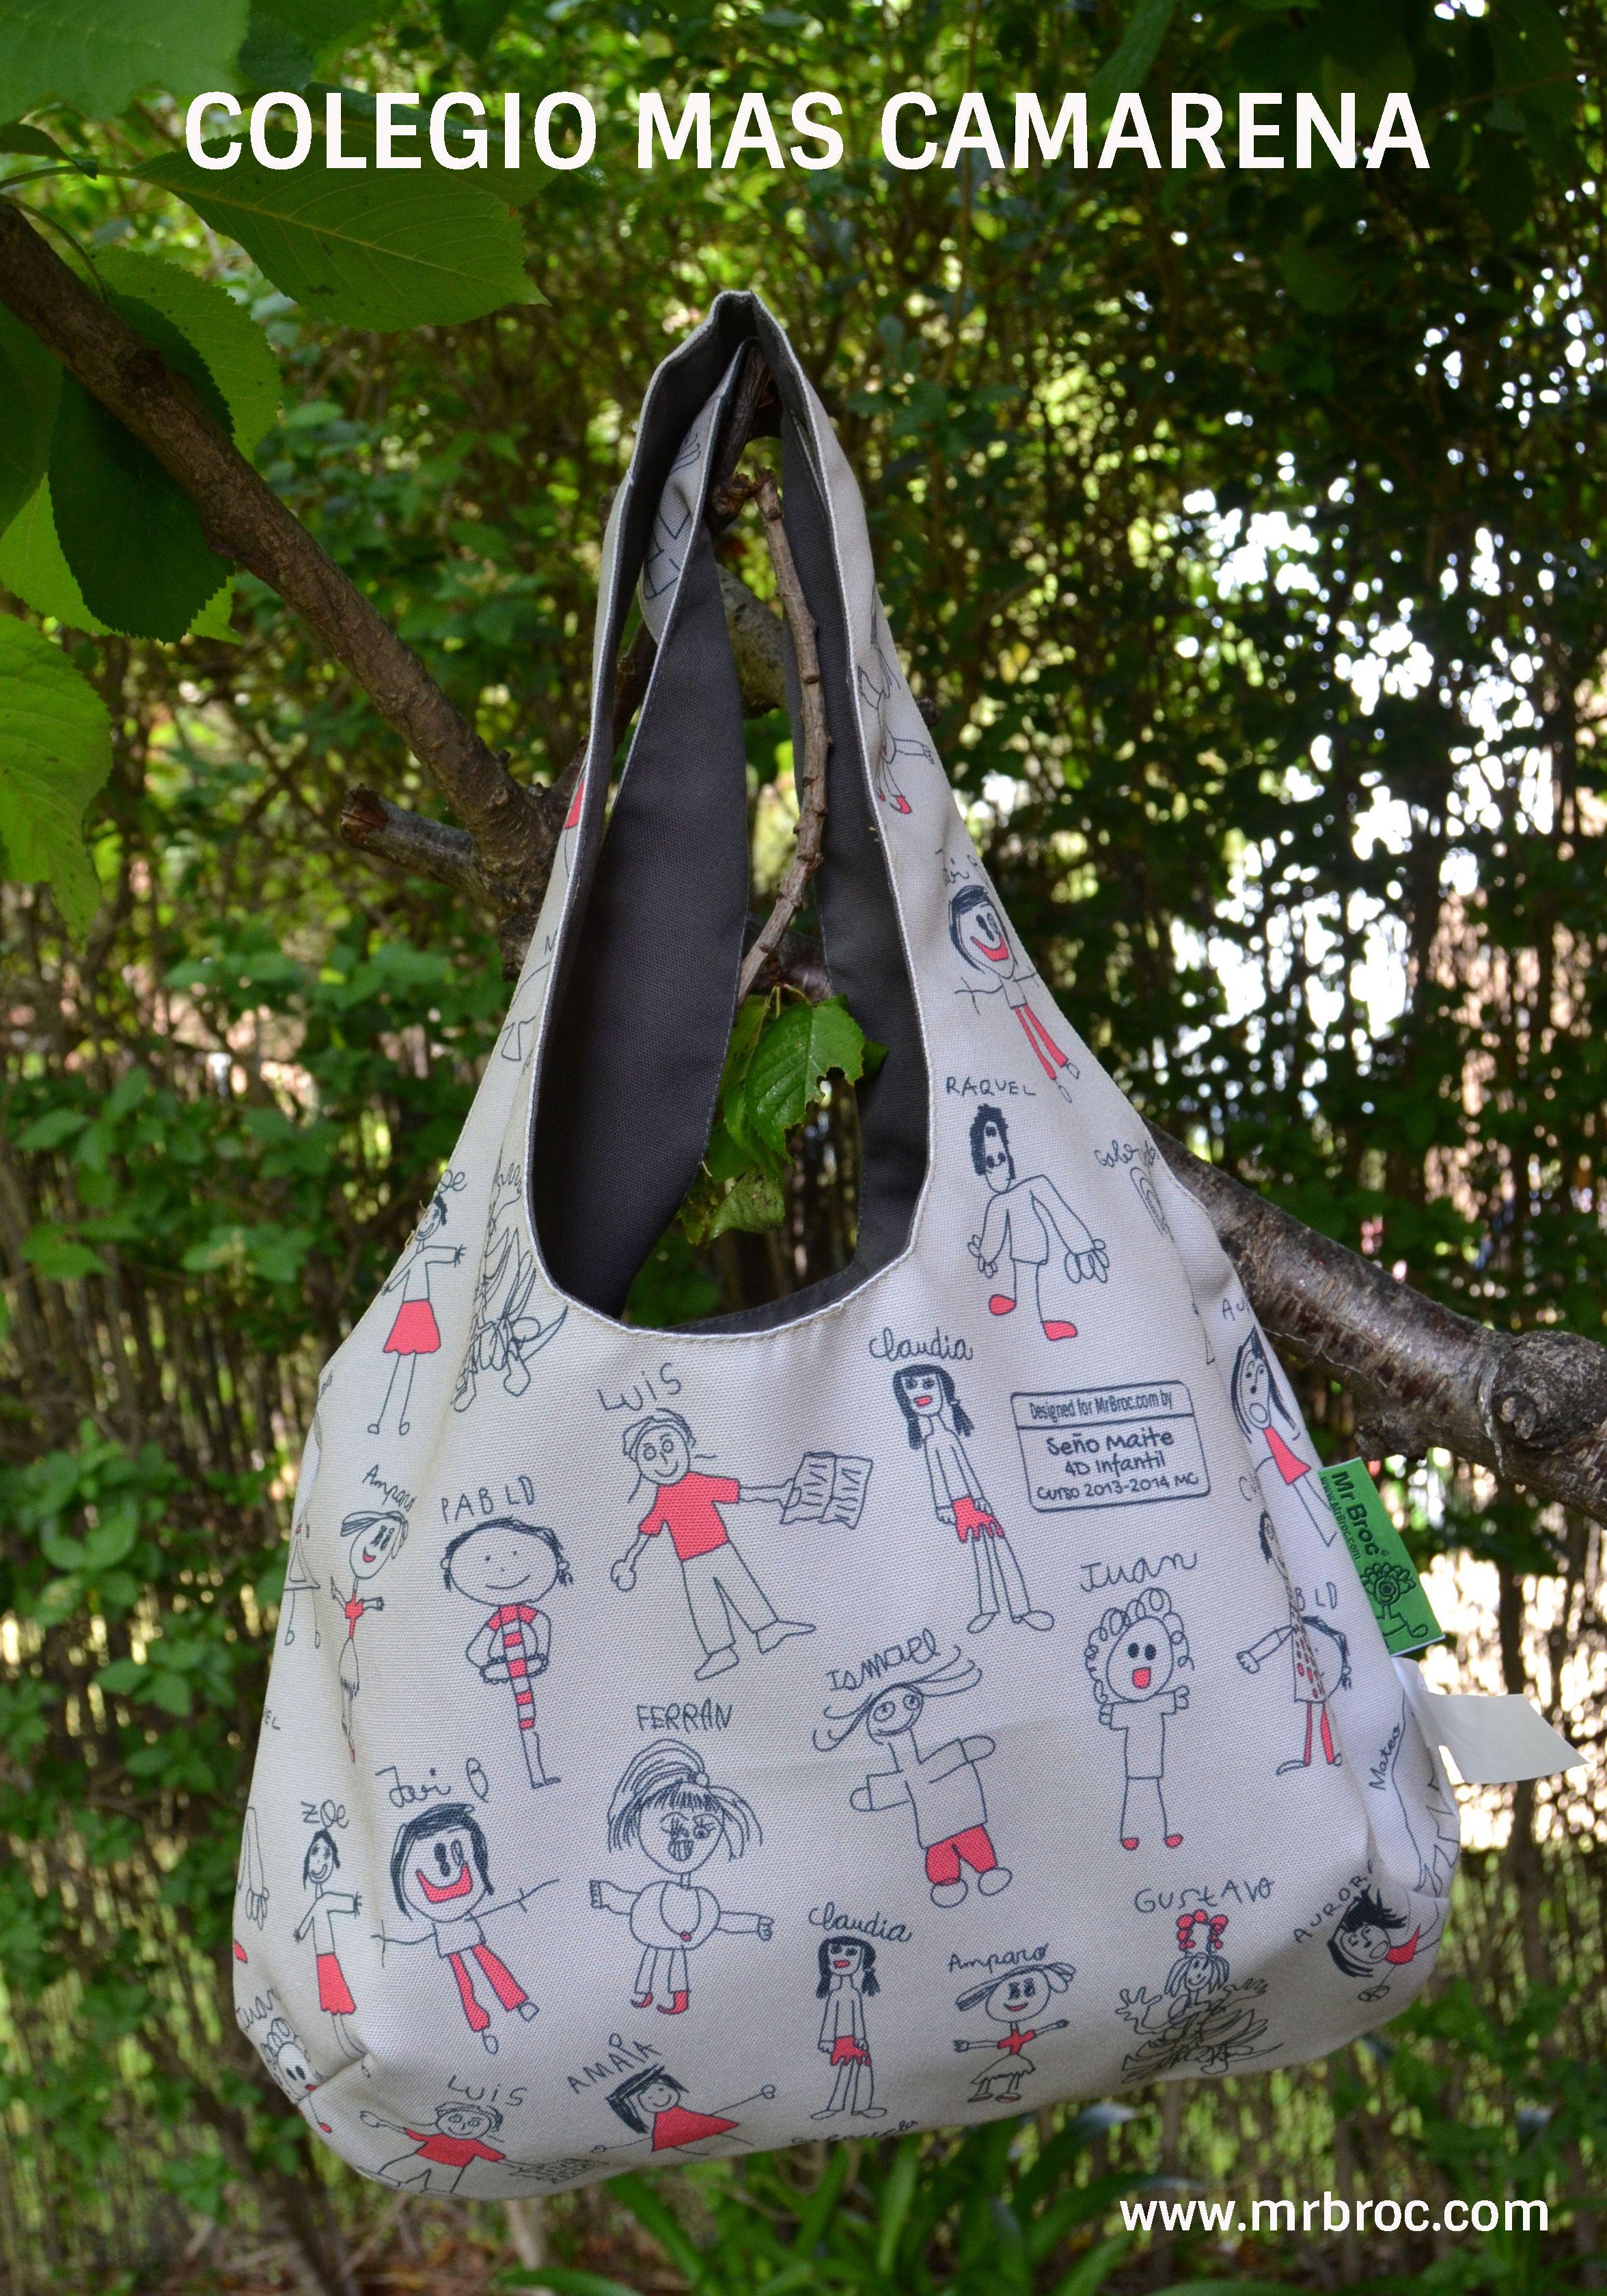 09385d97ee9 Broc Bolso personalizado con los dibujos de los alumnos del Colegio Mas  Camarena. El regalo mas precioso para una profesora. www.mrbroc.com